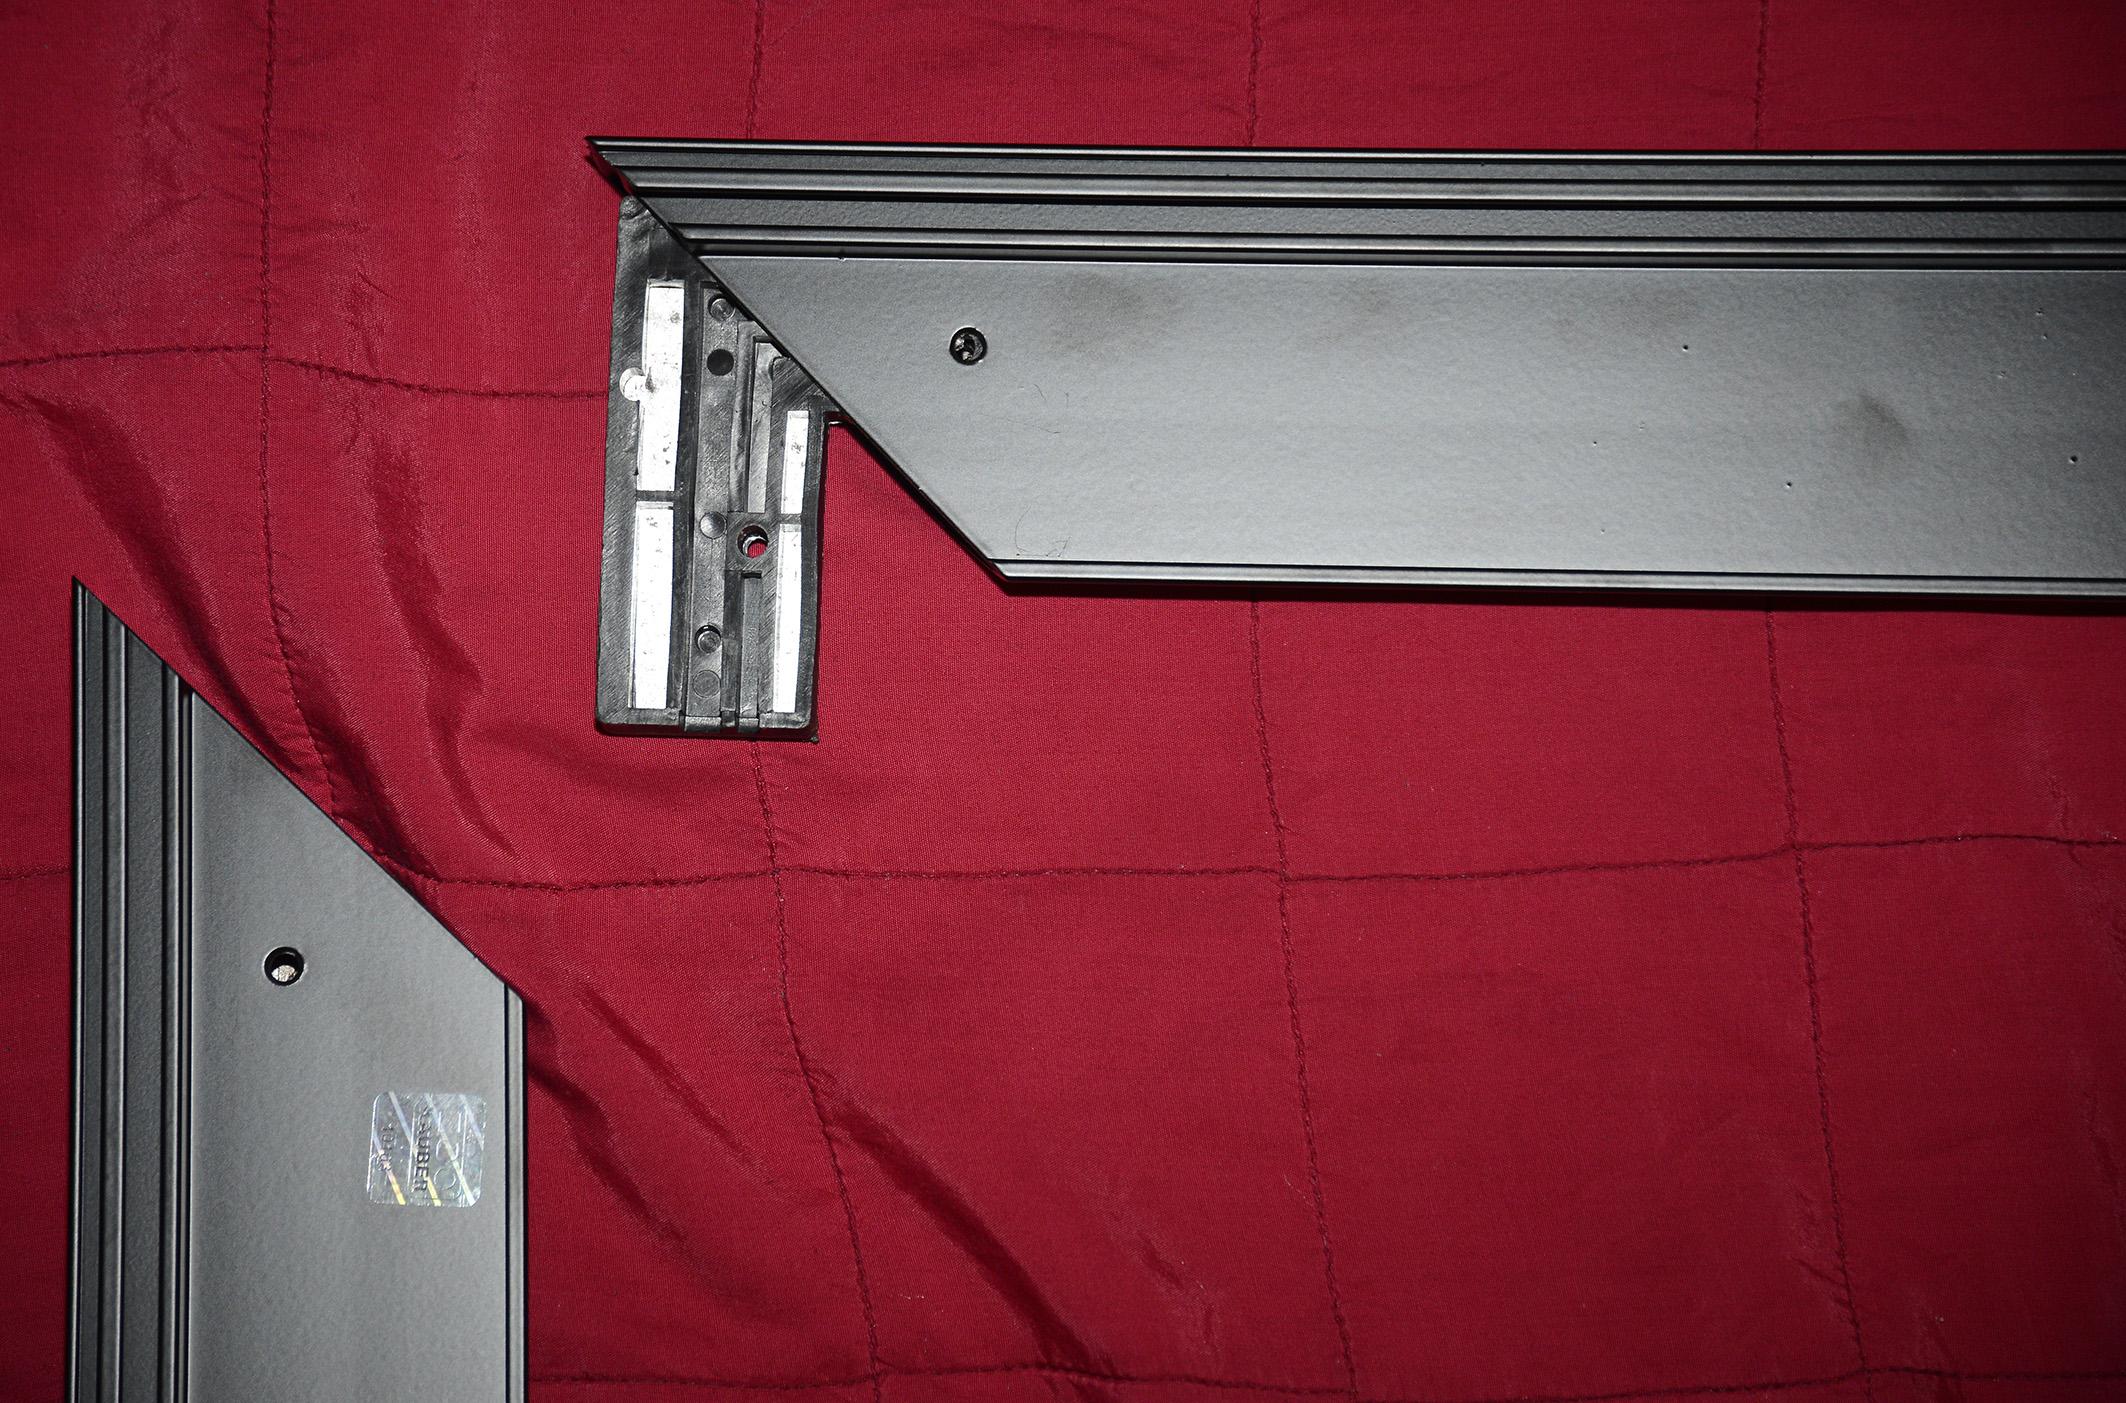 Foto: Michael B. Rehders Zunächst breite ich die vier Aluminium-Profile auf einer Decke aus, damit diese nicht unnötigerweise zerkratzen beim Zusammenbau. Vier Winkel werden in die Kanten eingeschoben und der Rahmen dann zusammengesteckt. Sehr einfach!